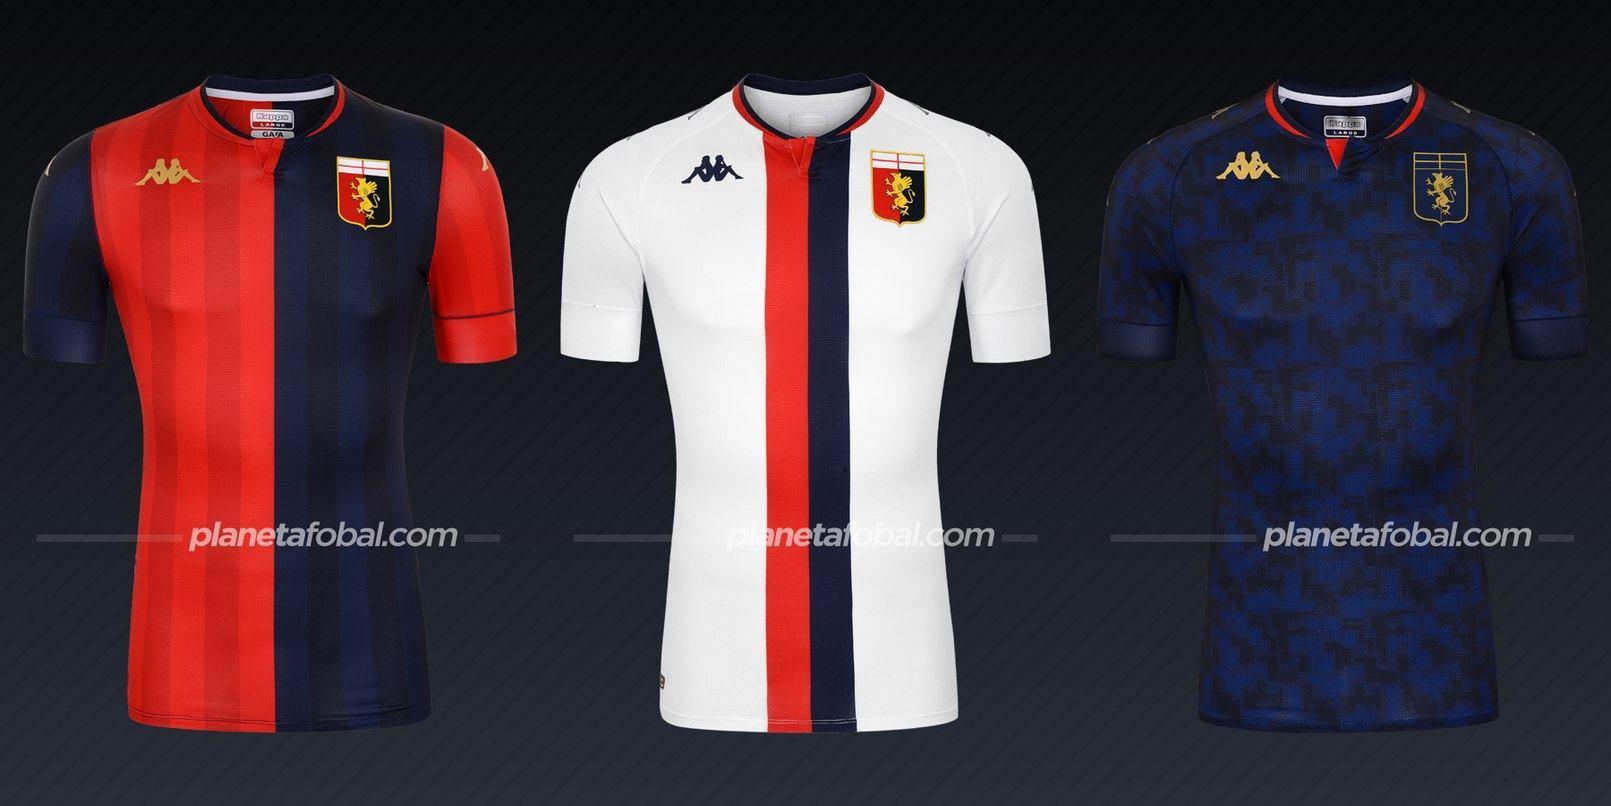 Genoa (Kappa) | Camisetas de la Serie A 2020/2021